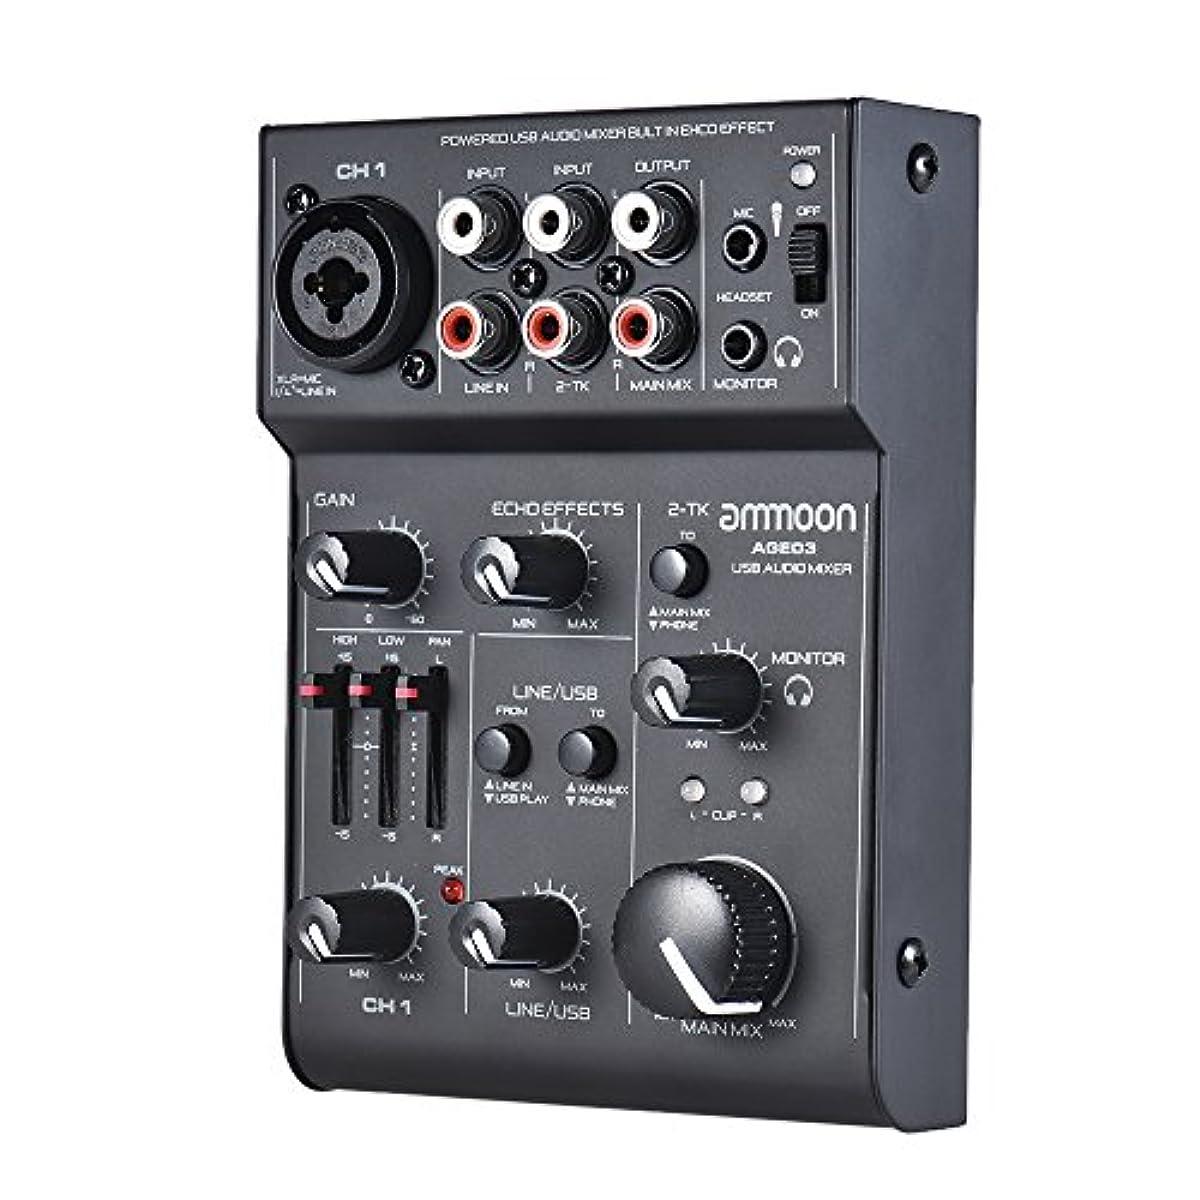 [해외] AMMOON 마이크 라인 믹싱 콘솔 믹서 USB오디오 인터페이스 부착 내장 echo 효과 USB전원 녹음용DJ네트워크 라이브 방송 컬러오케 AGE03 5채널